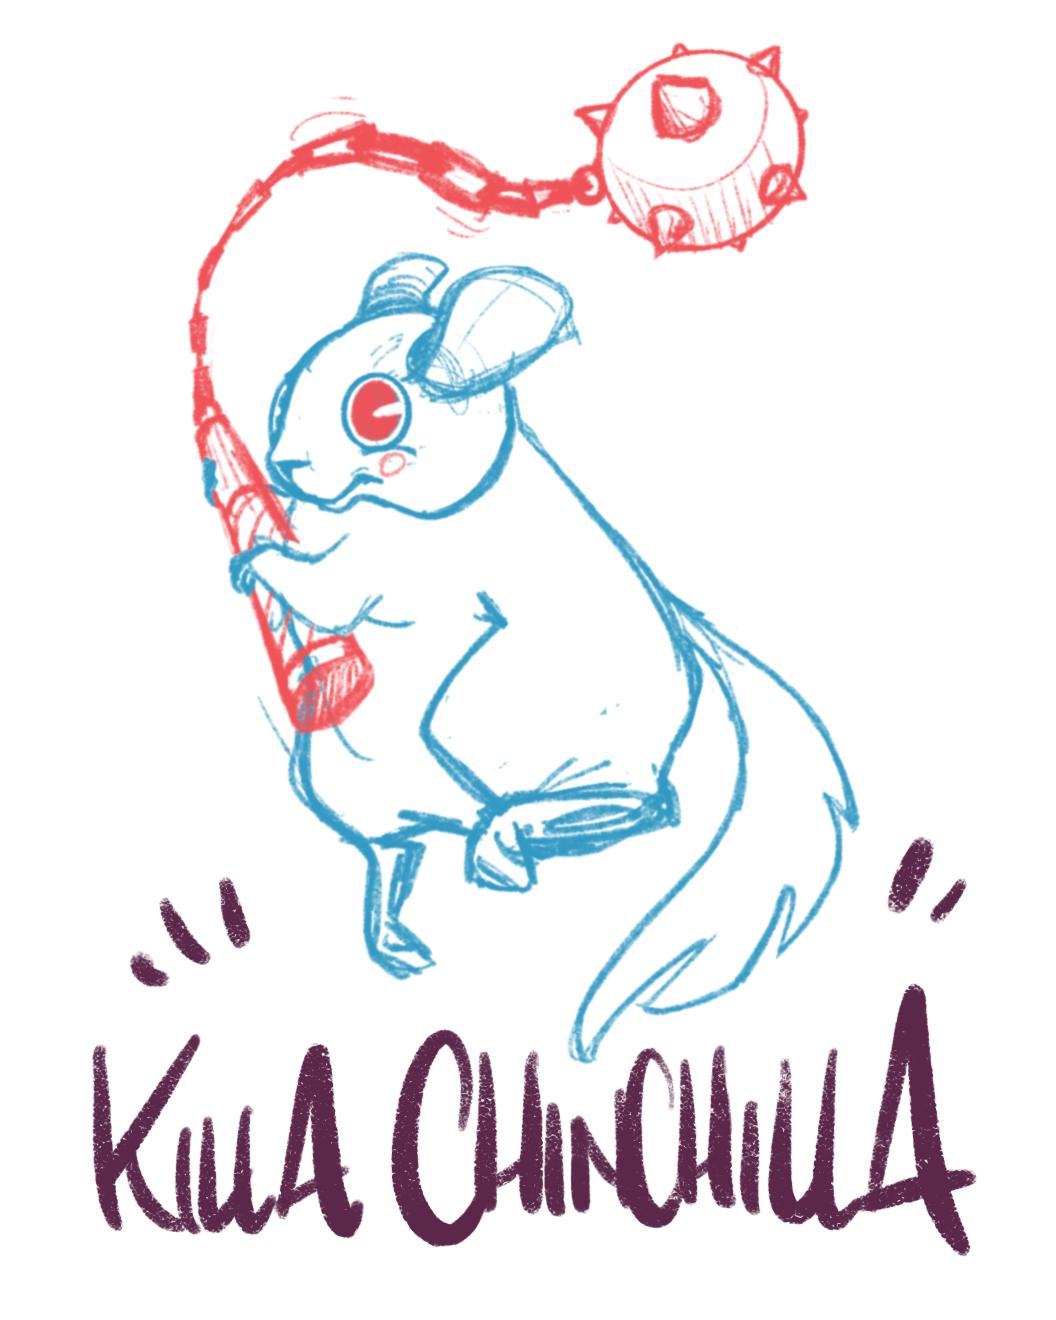 Killa_Chinchilla_2